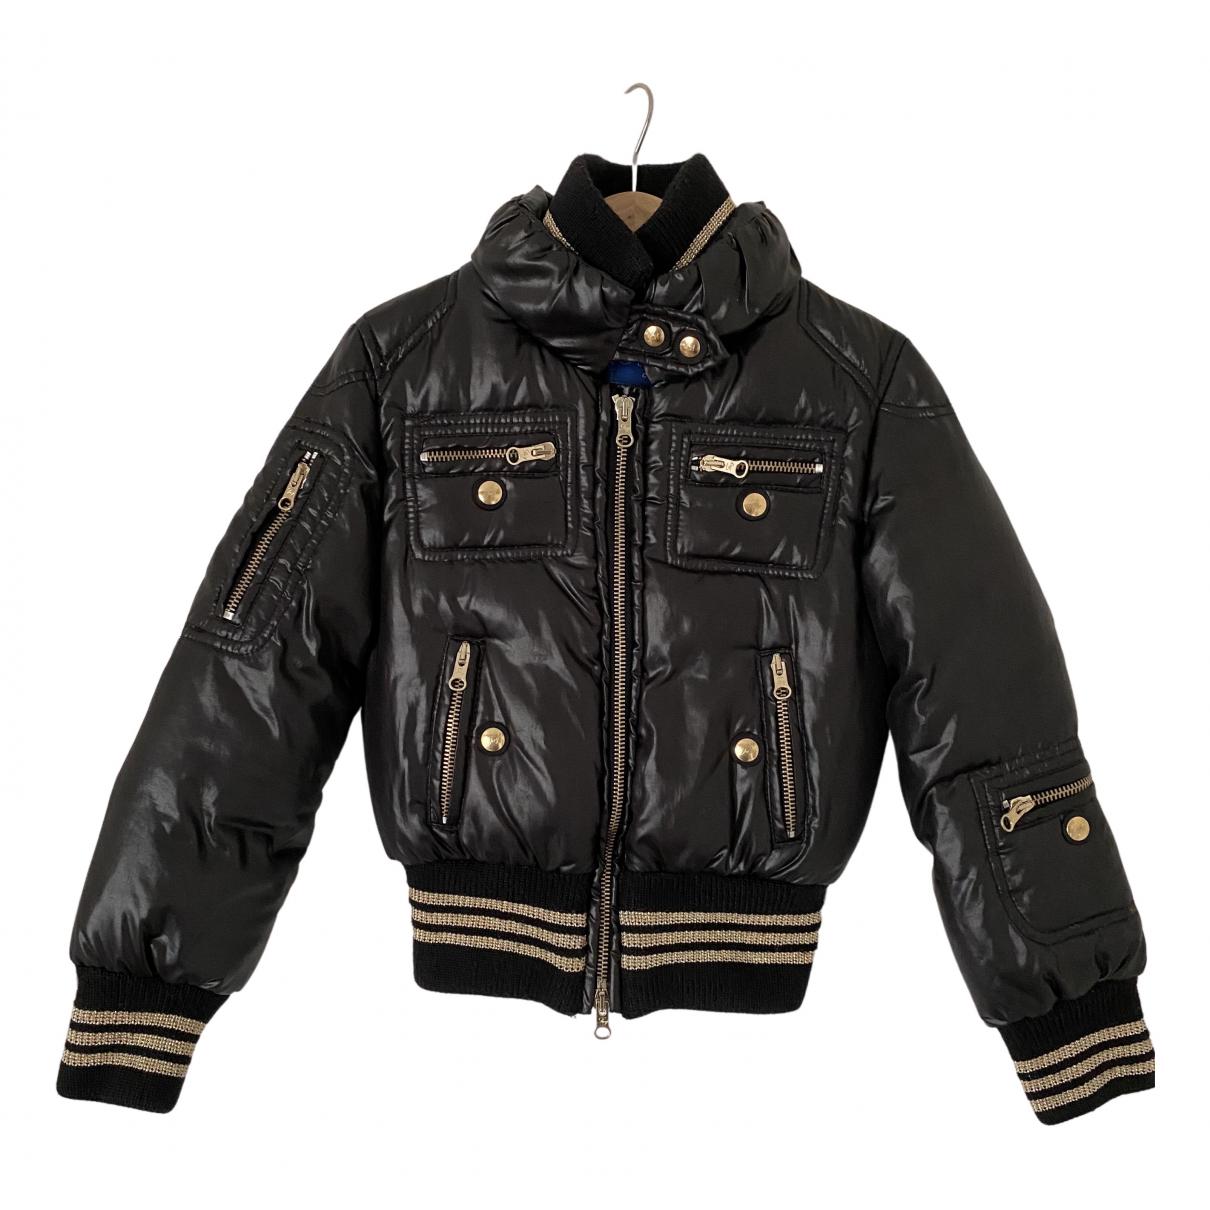 Fay - Blousons.Manteaux   pour enfant - noir